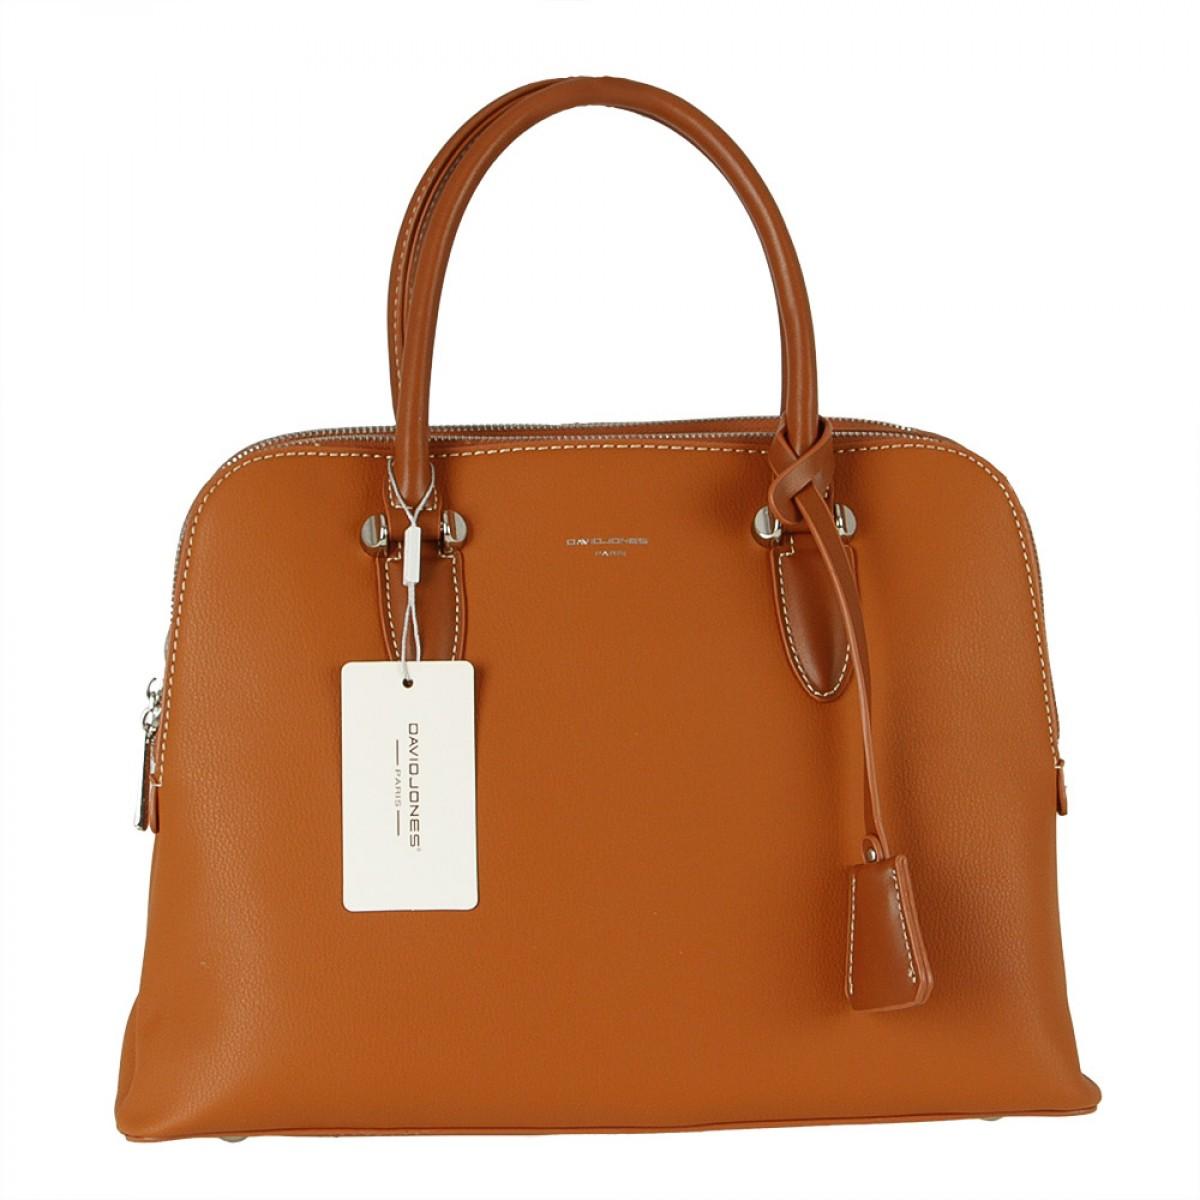 Жіноча сумка David Jones  6207-2A COGNAC